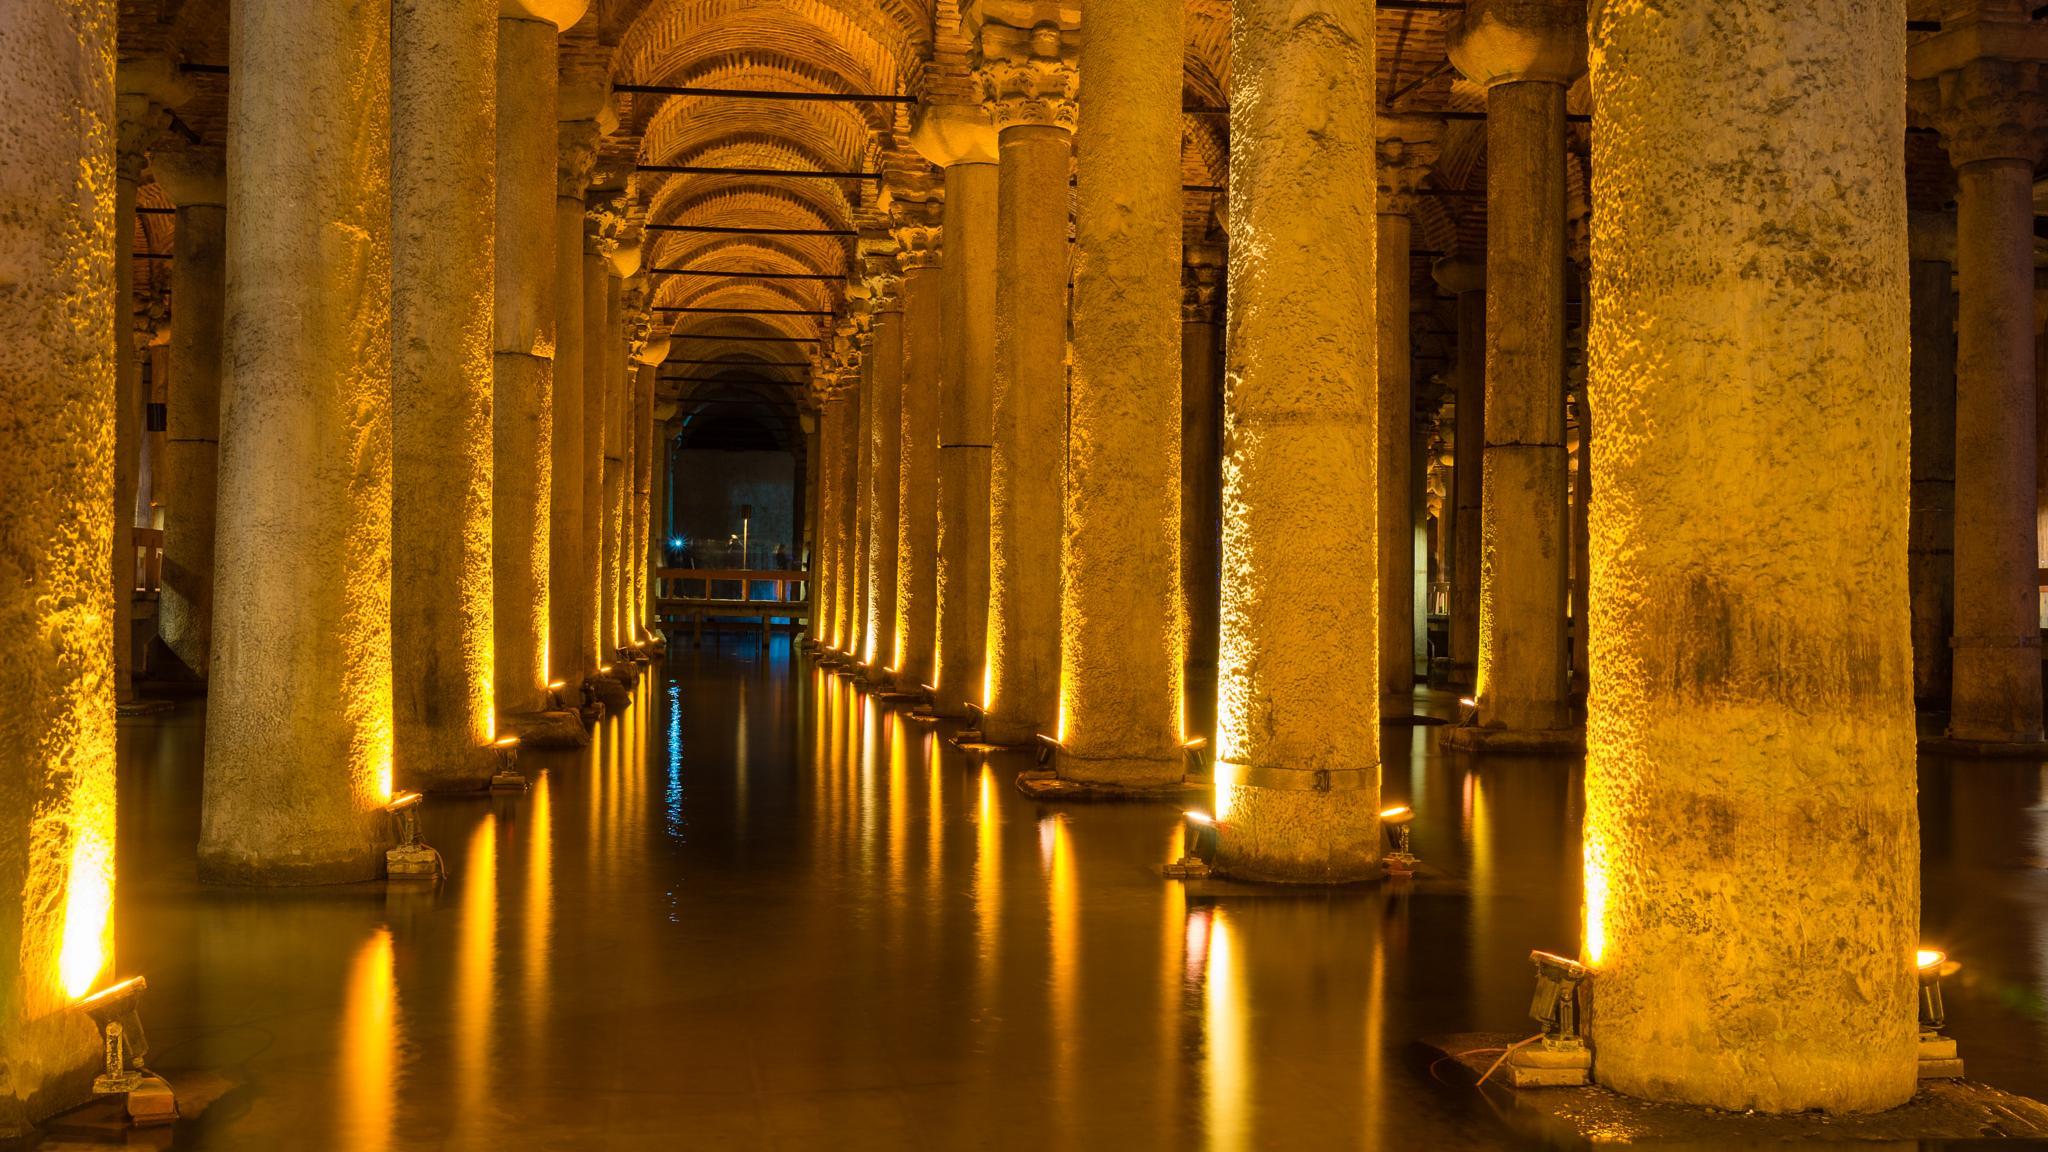 Basilica Cistern by marian ciubotaru